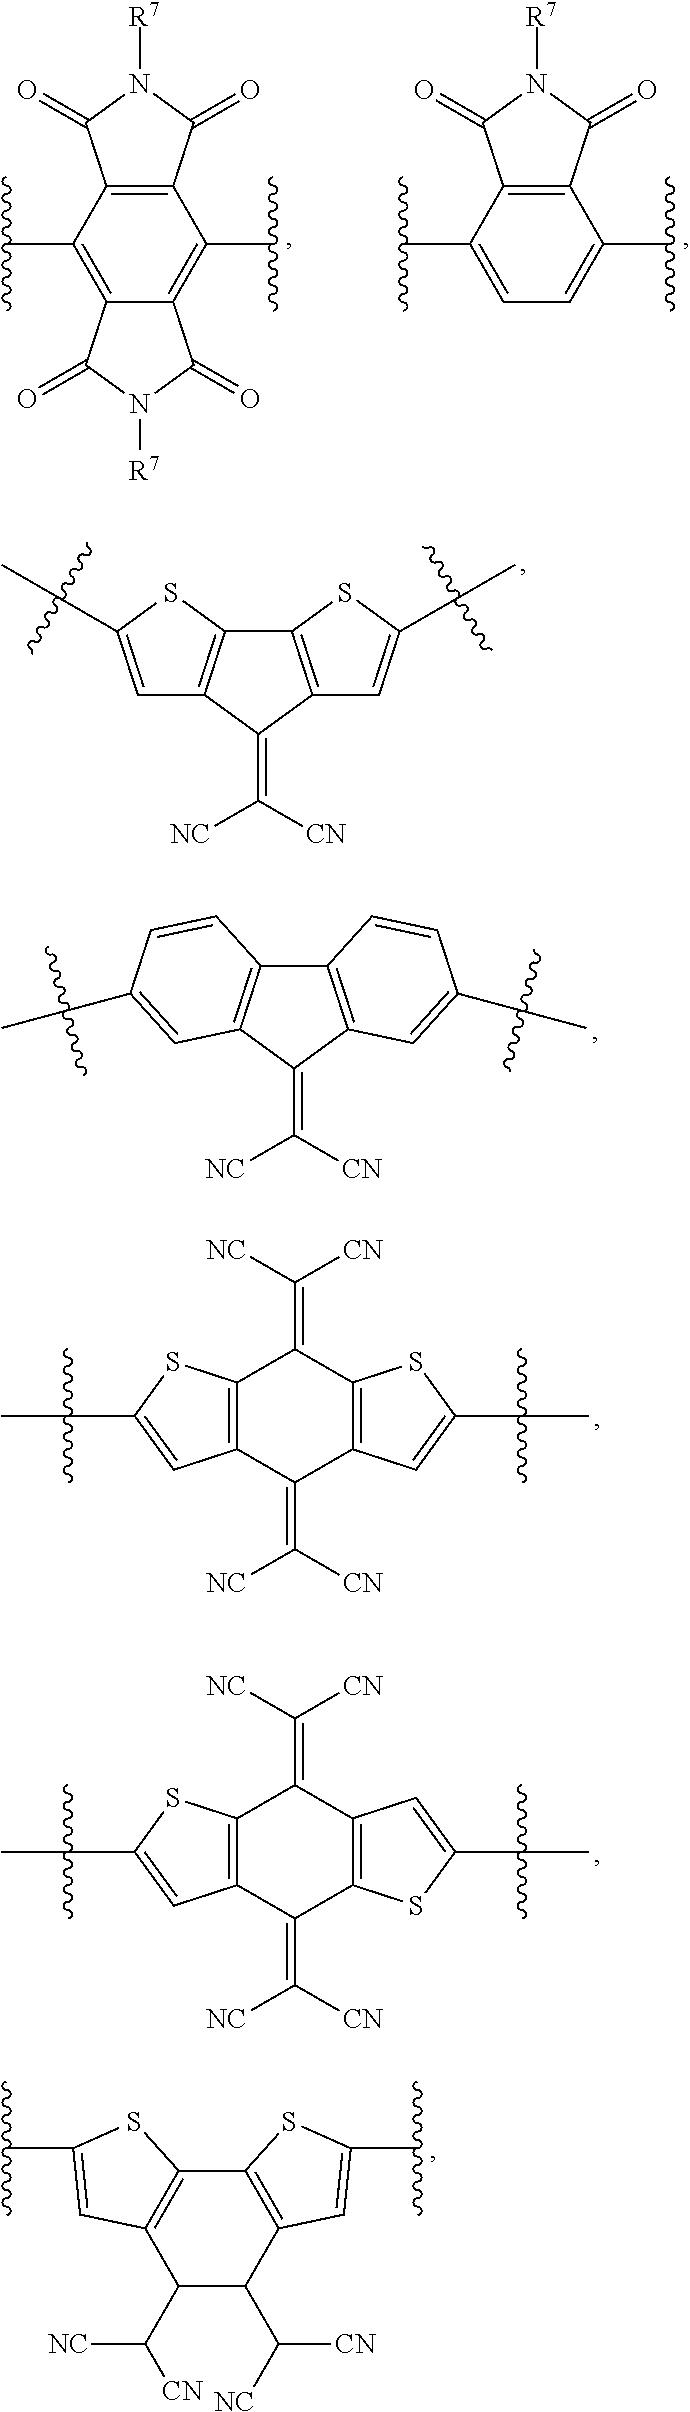 Figure US08329855-20121211-C00082